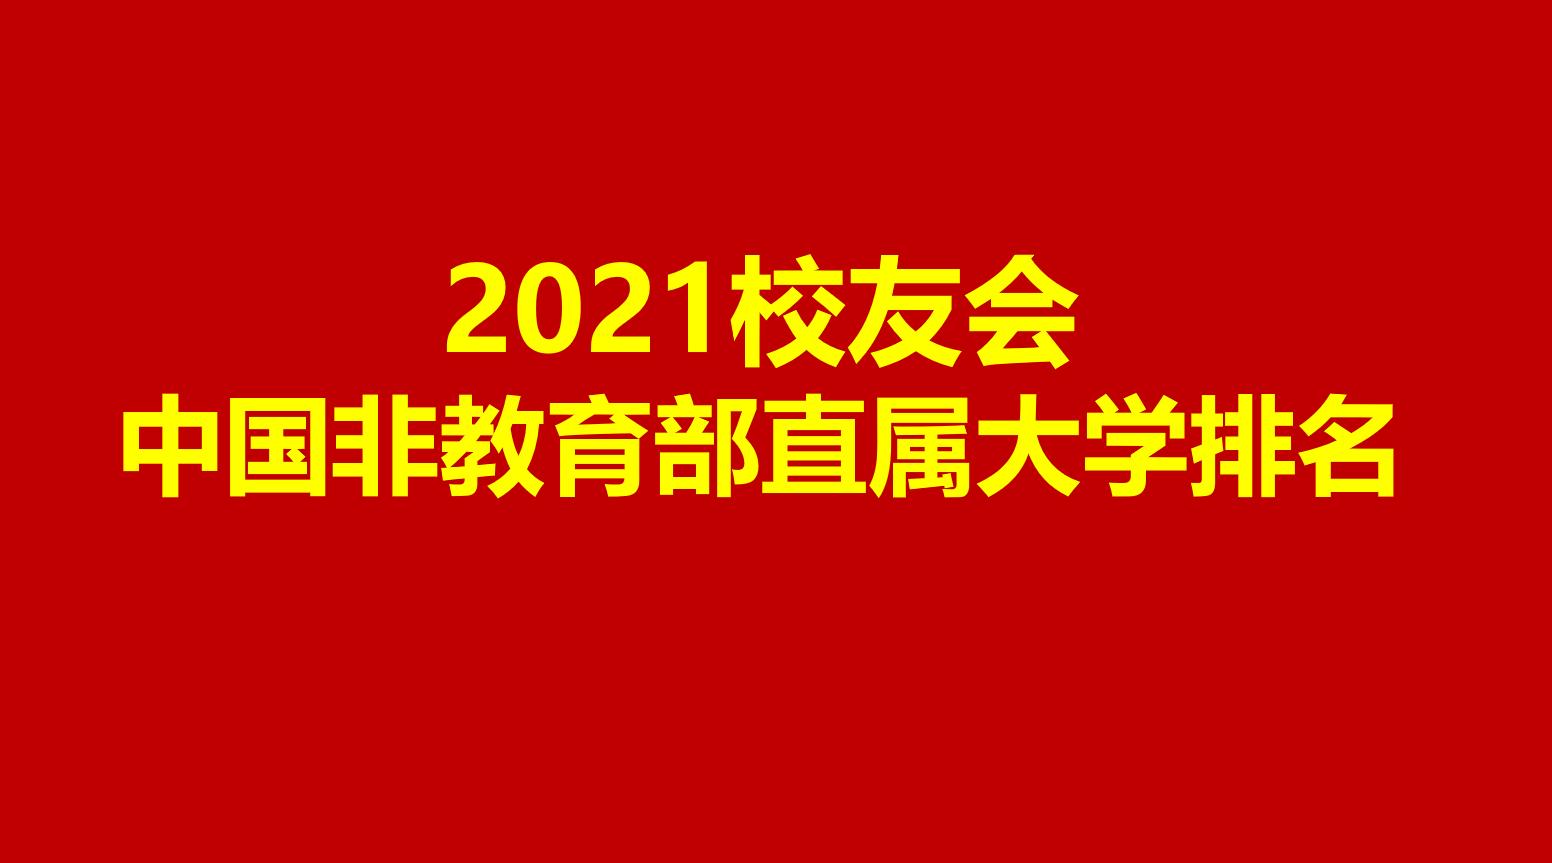 2021中国非教育部直属大学排名,中国科大第1,哈工大第2